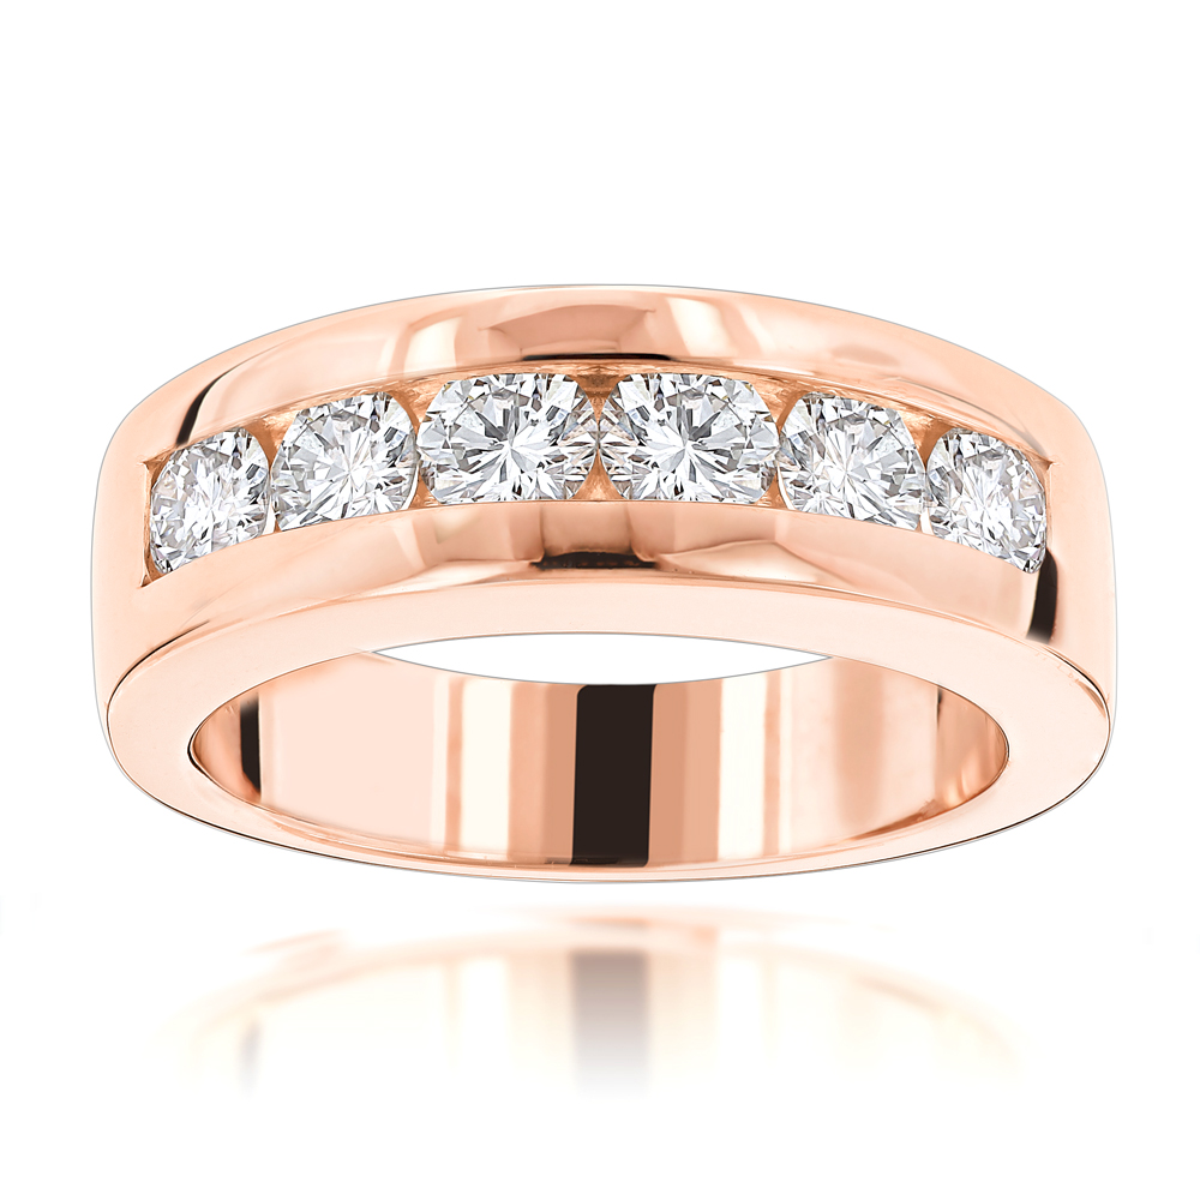 14K Gold Round Diamond Mens Wedding Band 6 Stone Anniversary Ring 1.5ct